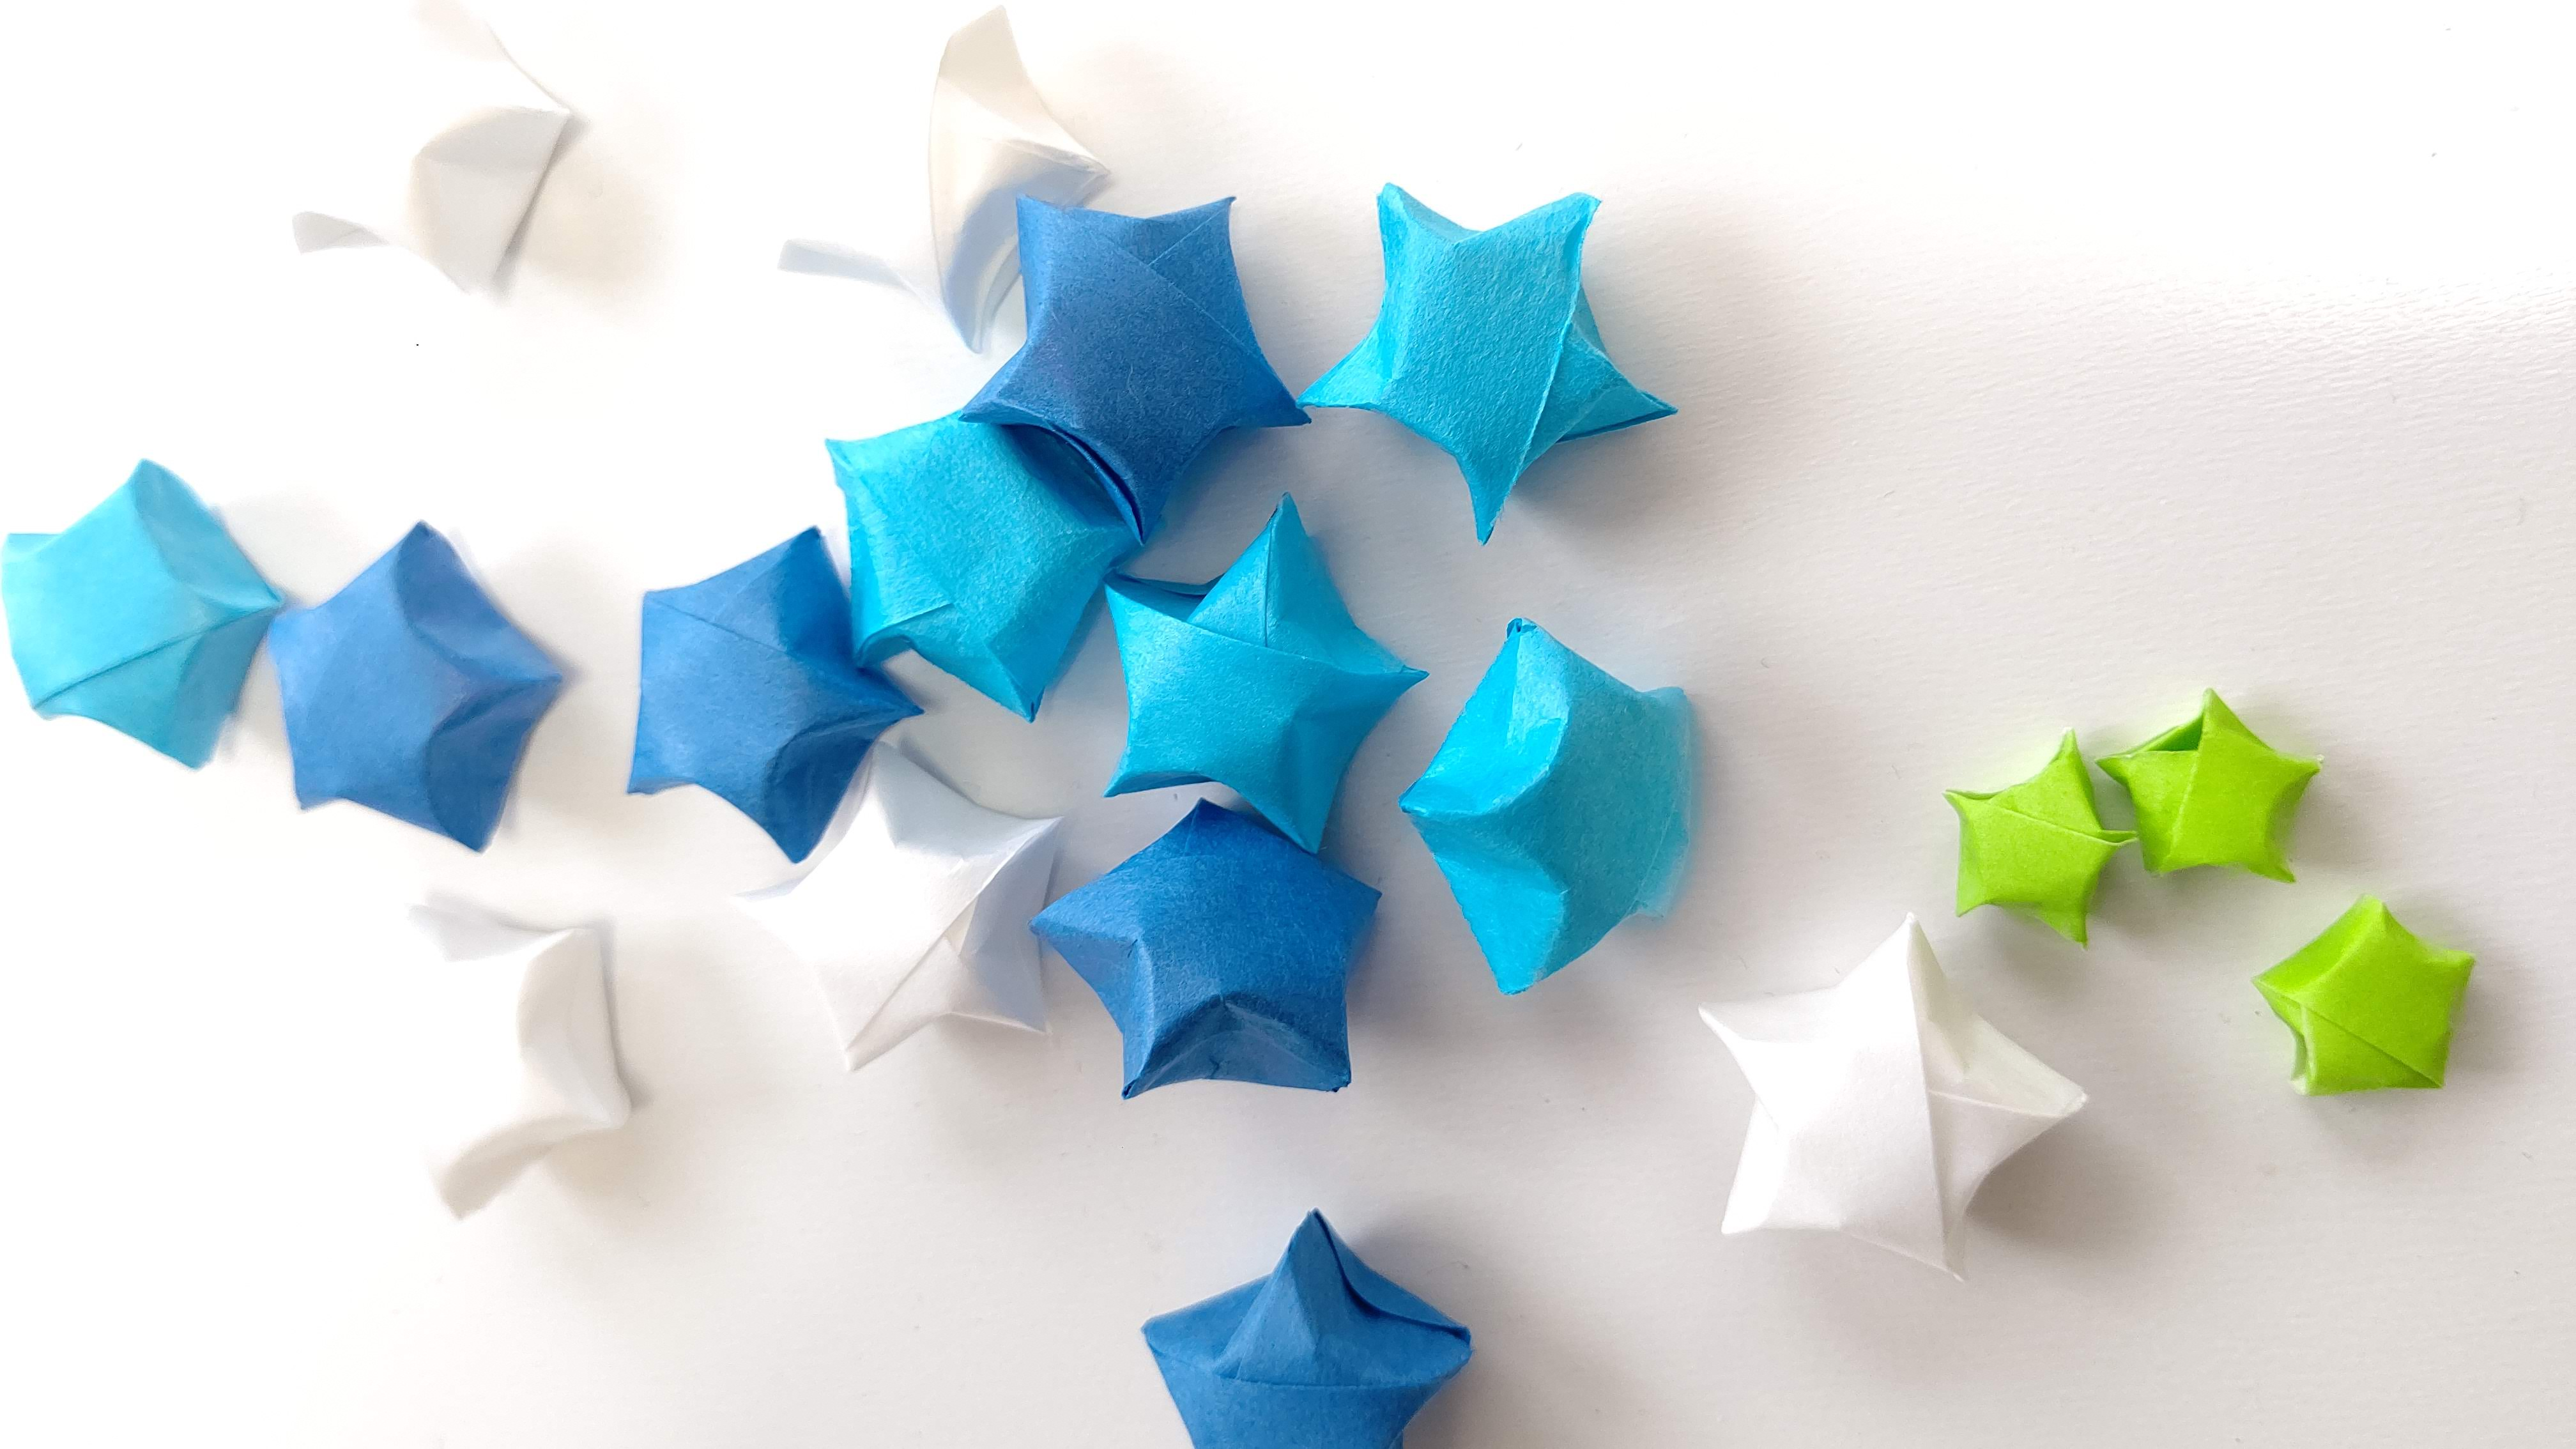 折り紙「ラッキースター」の手順を解説!ふっくらと折るコツを紹介!